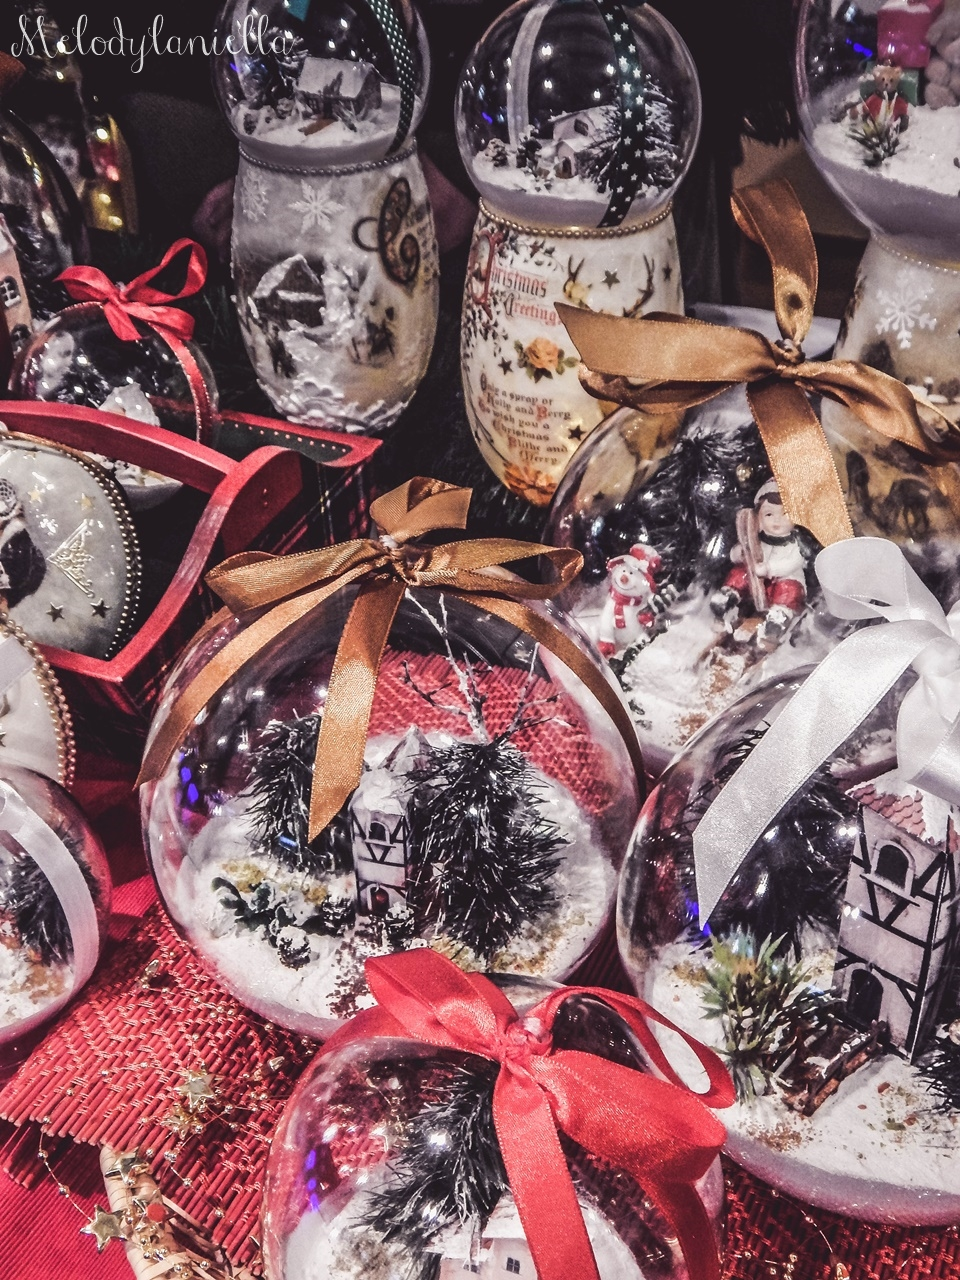 10 nietypowy jarmark świąteczny piotrkowska 217 co dzieje się w łodzi dwukropek ogrody zofii bożonarodzeniowy jarmark targ świąteczny świat z lukru pierniki świąteczne łódź biżuteria handmade piando zigner